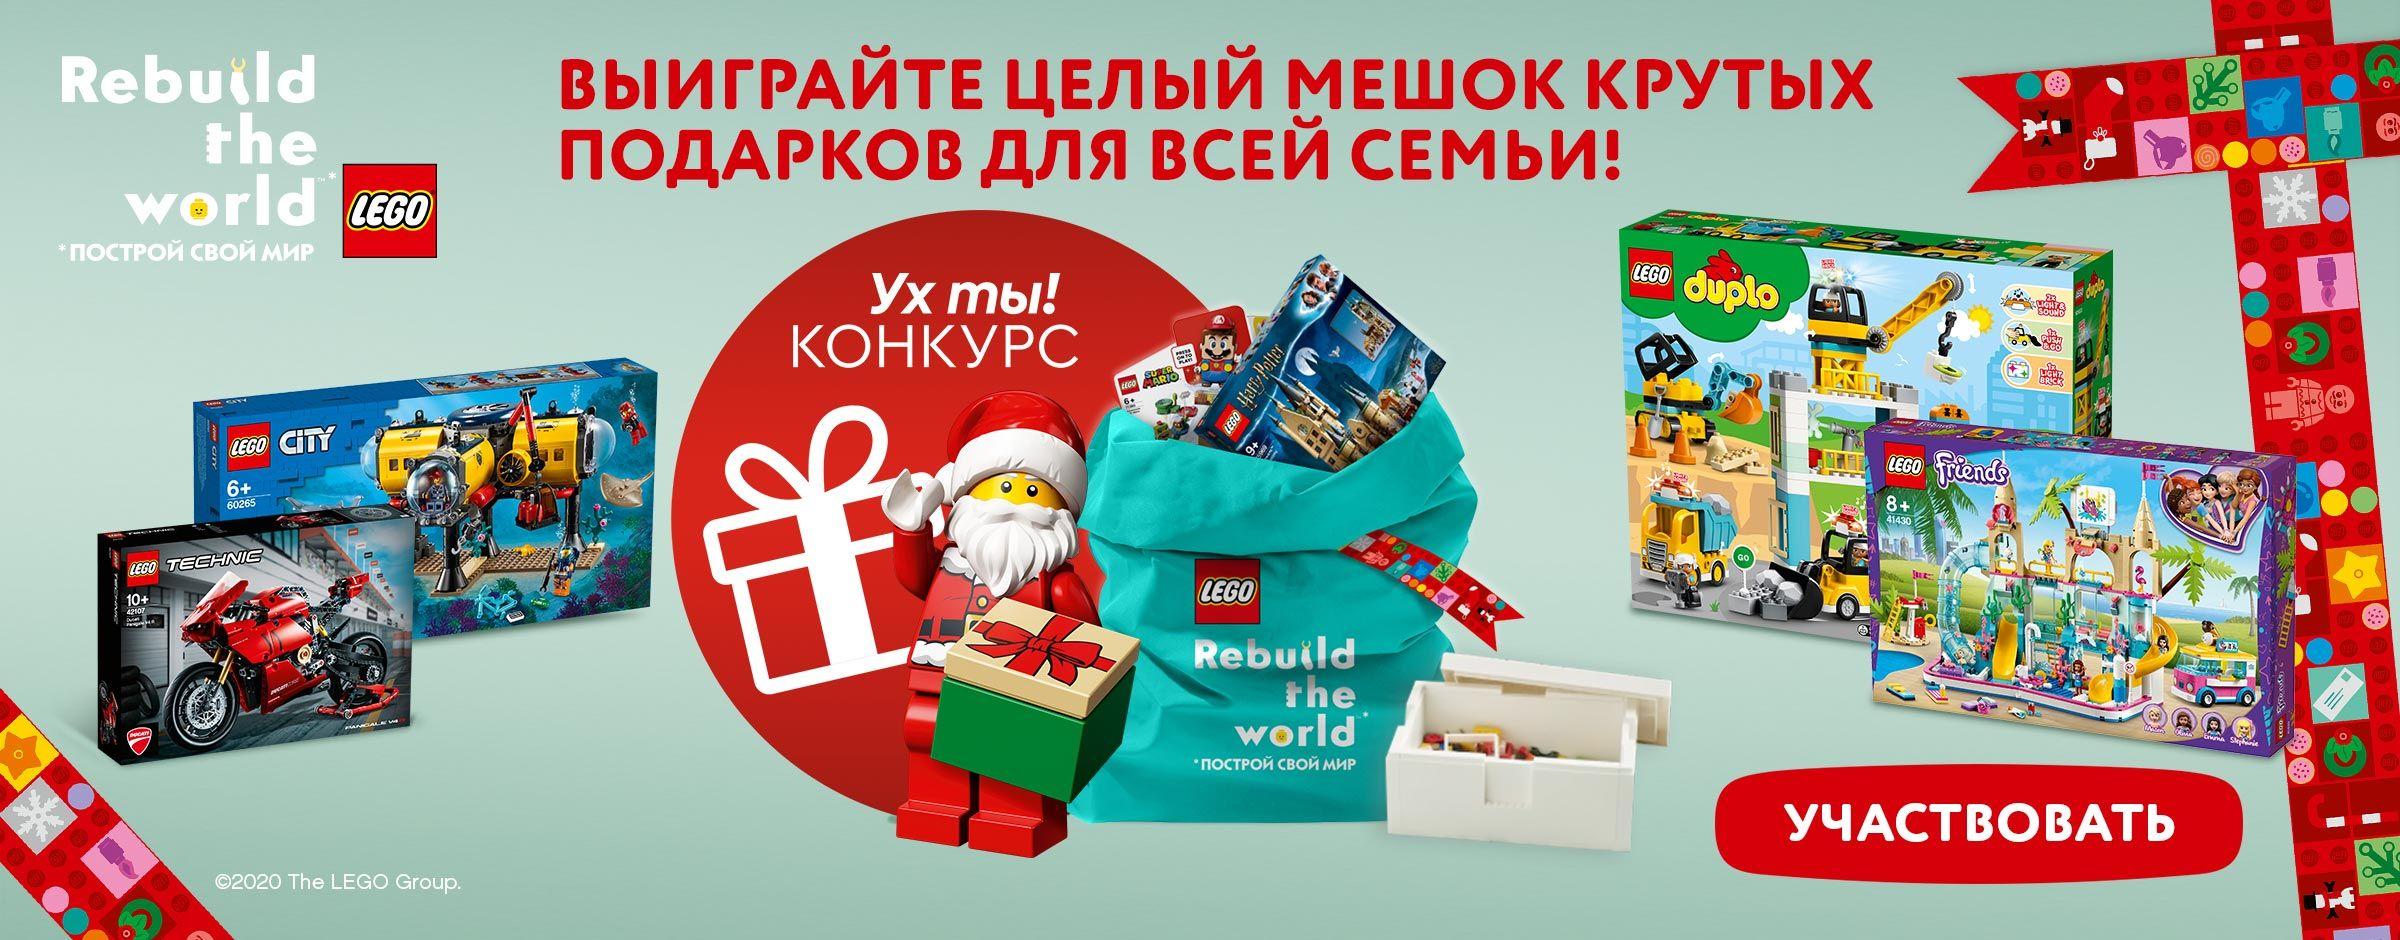 Новогодний конкурс LEGO